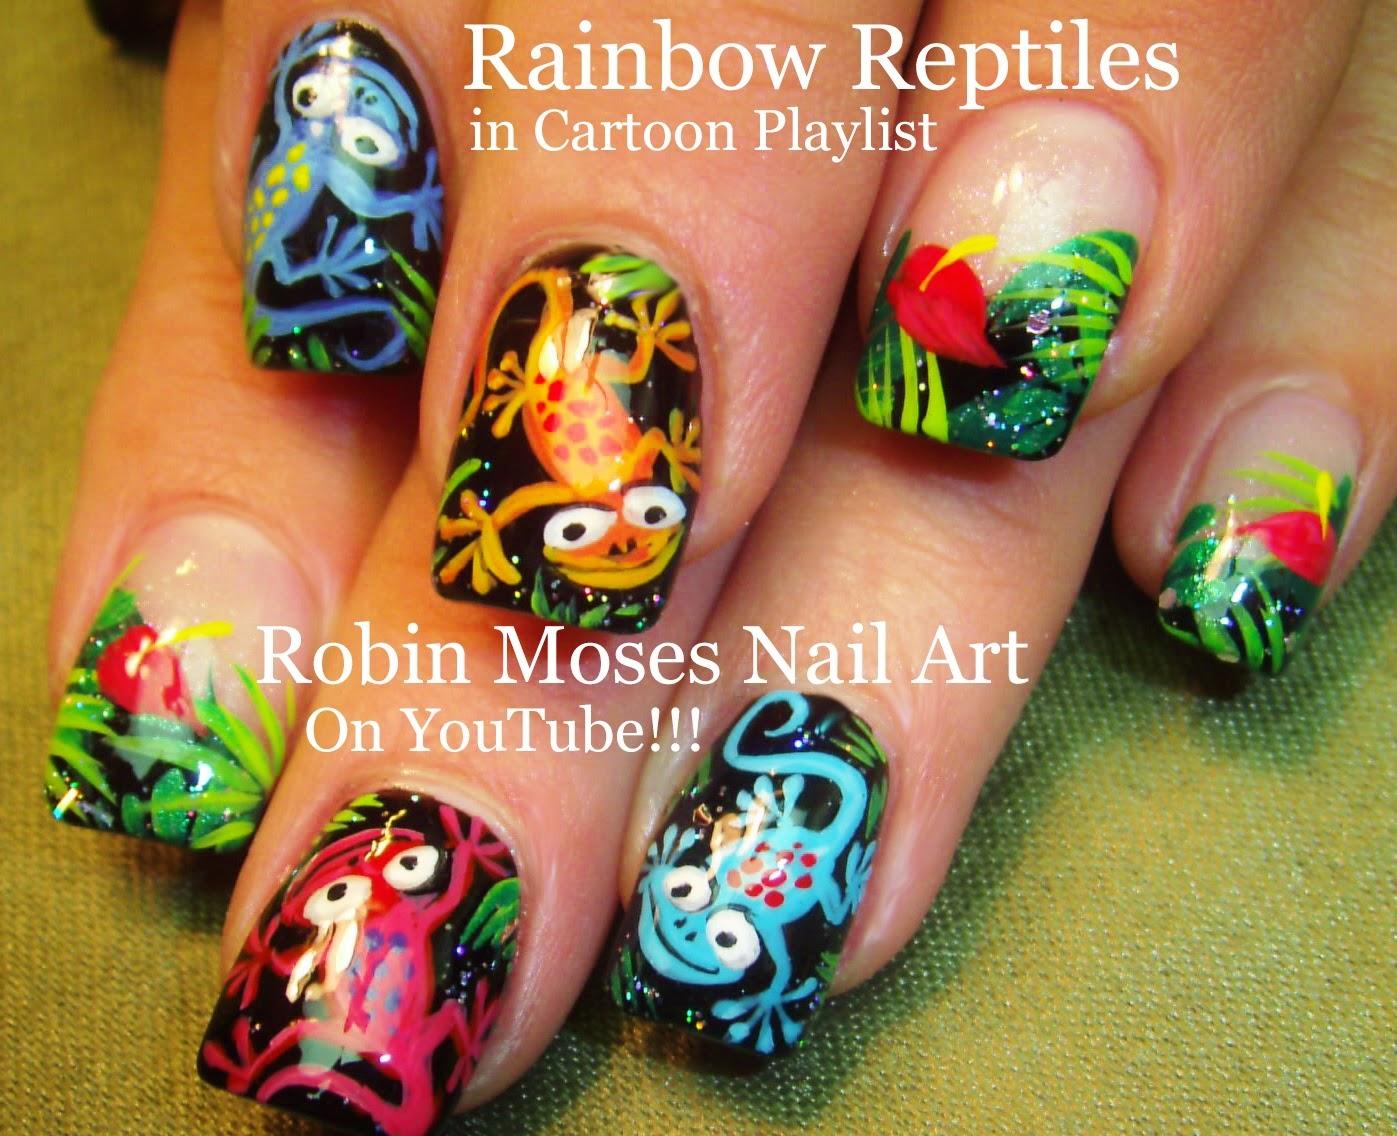 Robin Moses Nail Art Quotnail Artquot Quotlizard Nailsquot Quotgecko Nails